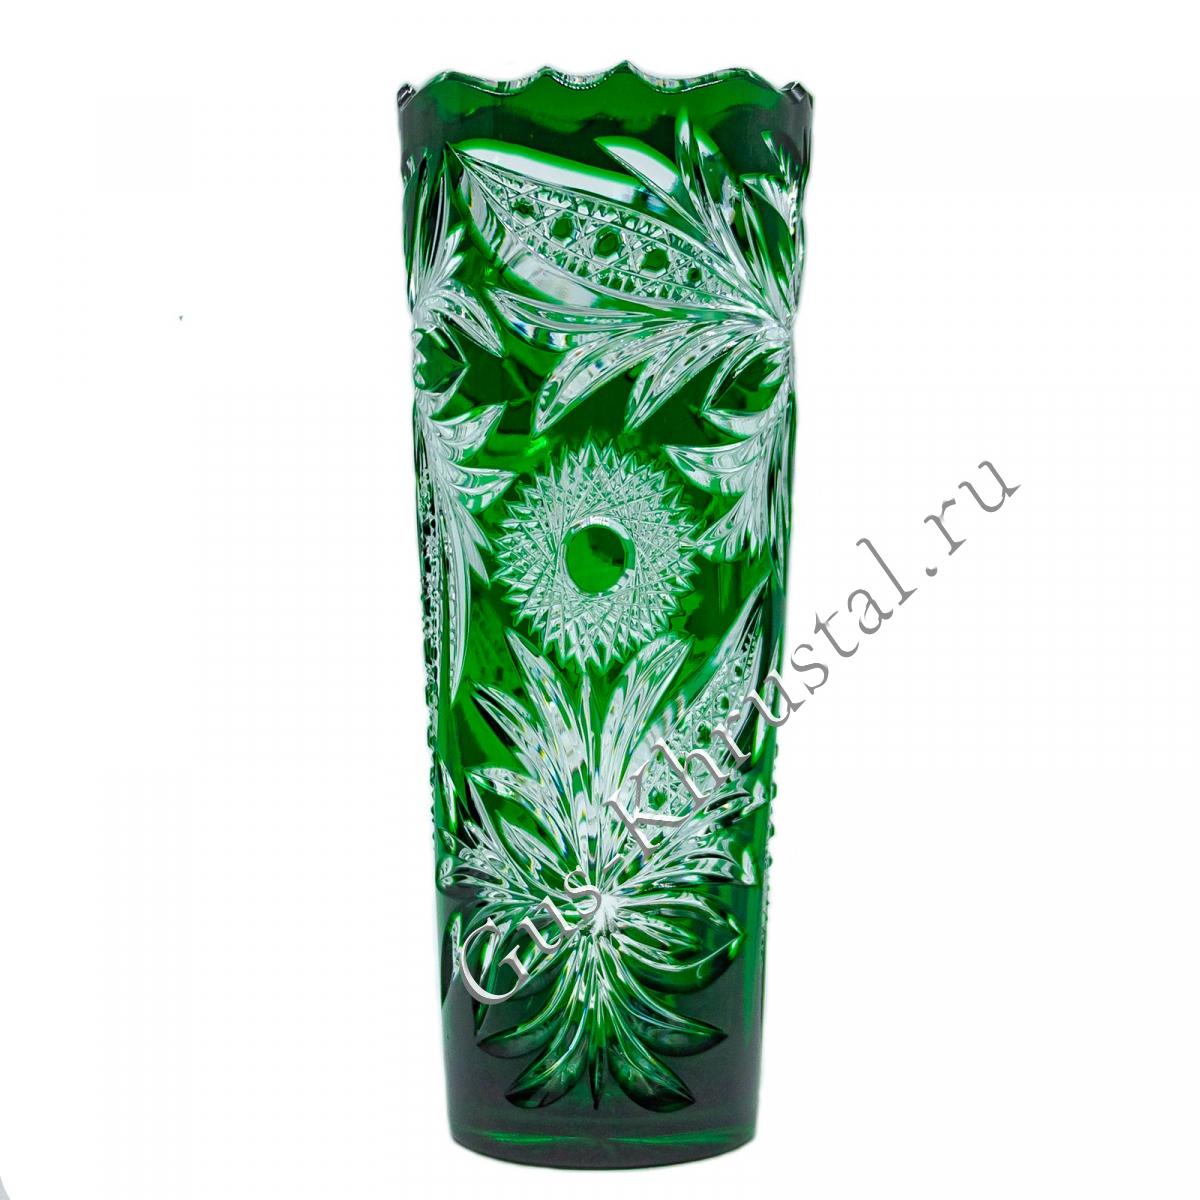 Ваза Хрустальная Для Цветов Столб зеленый №1